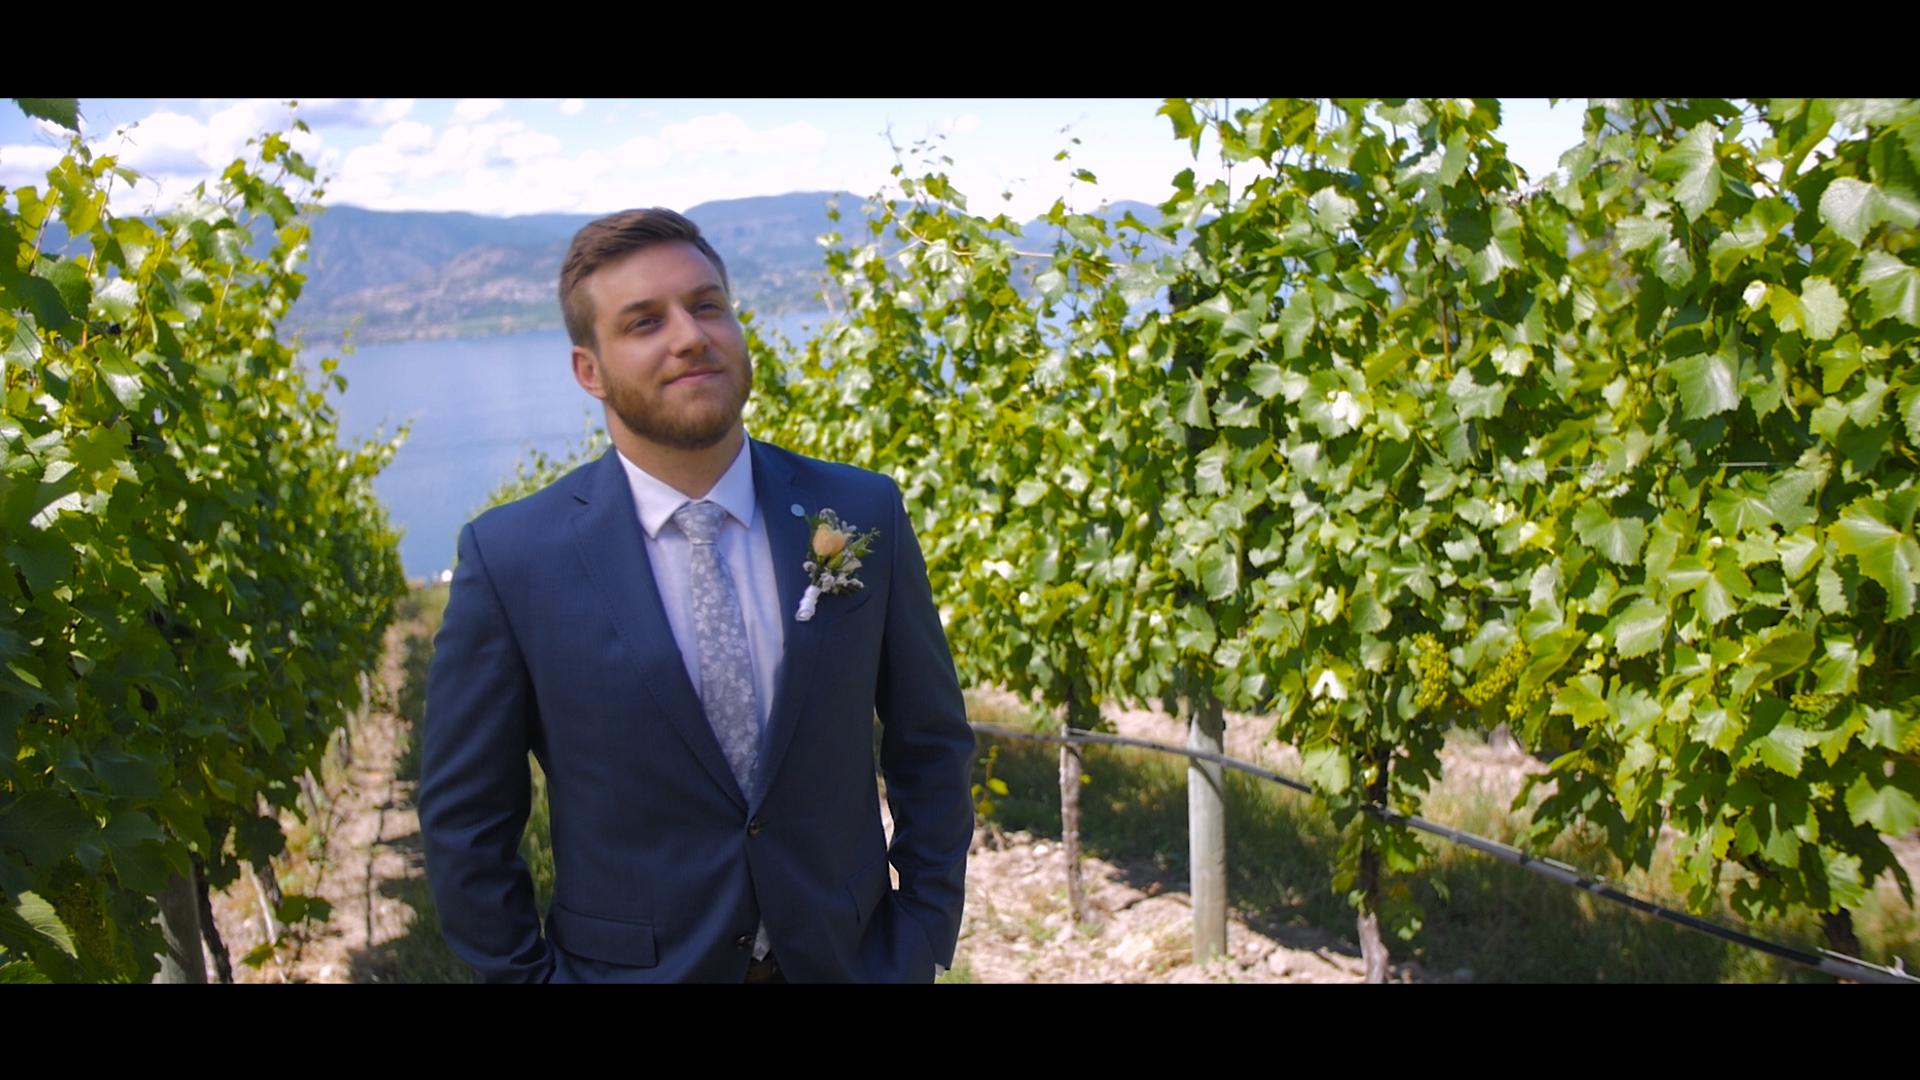 Groom in Vineyard